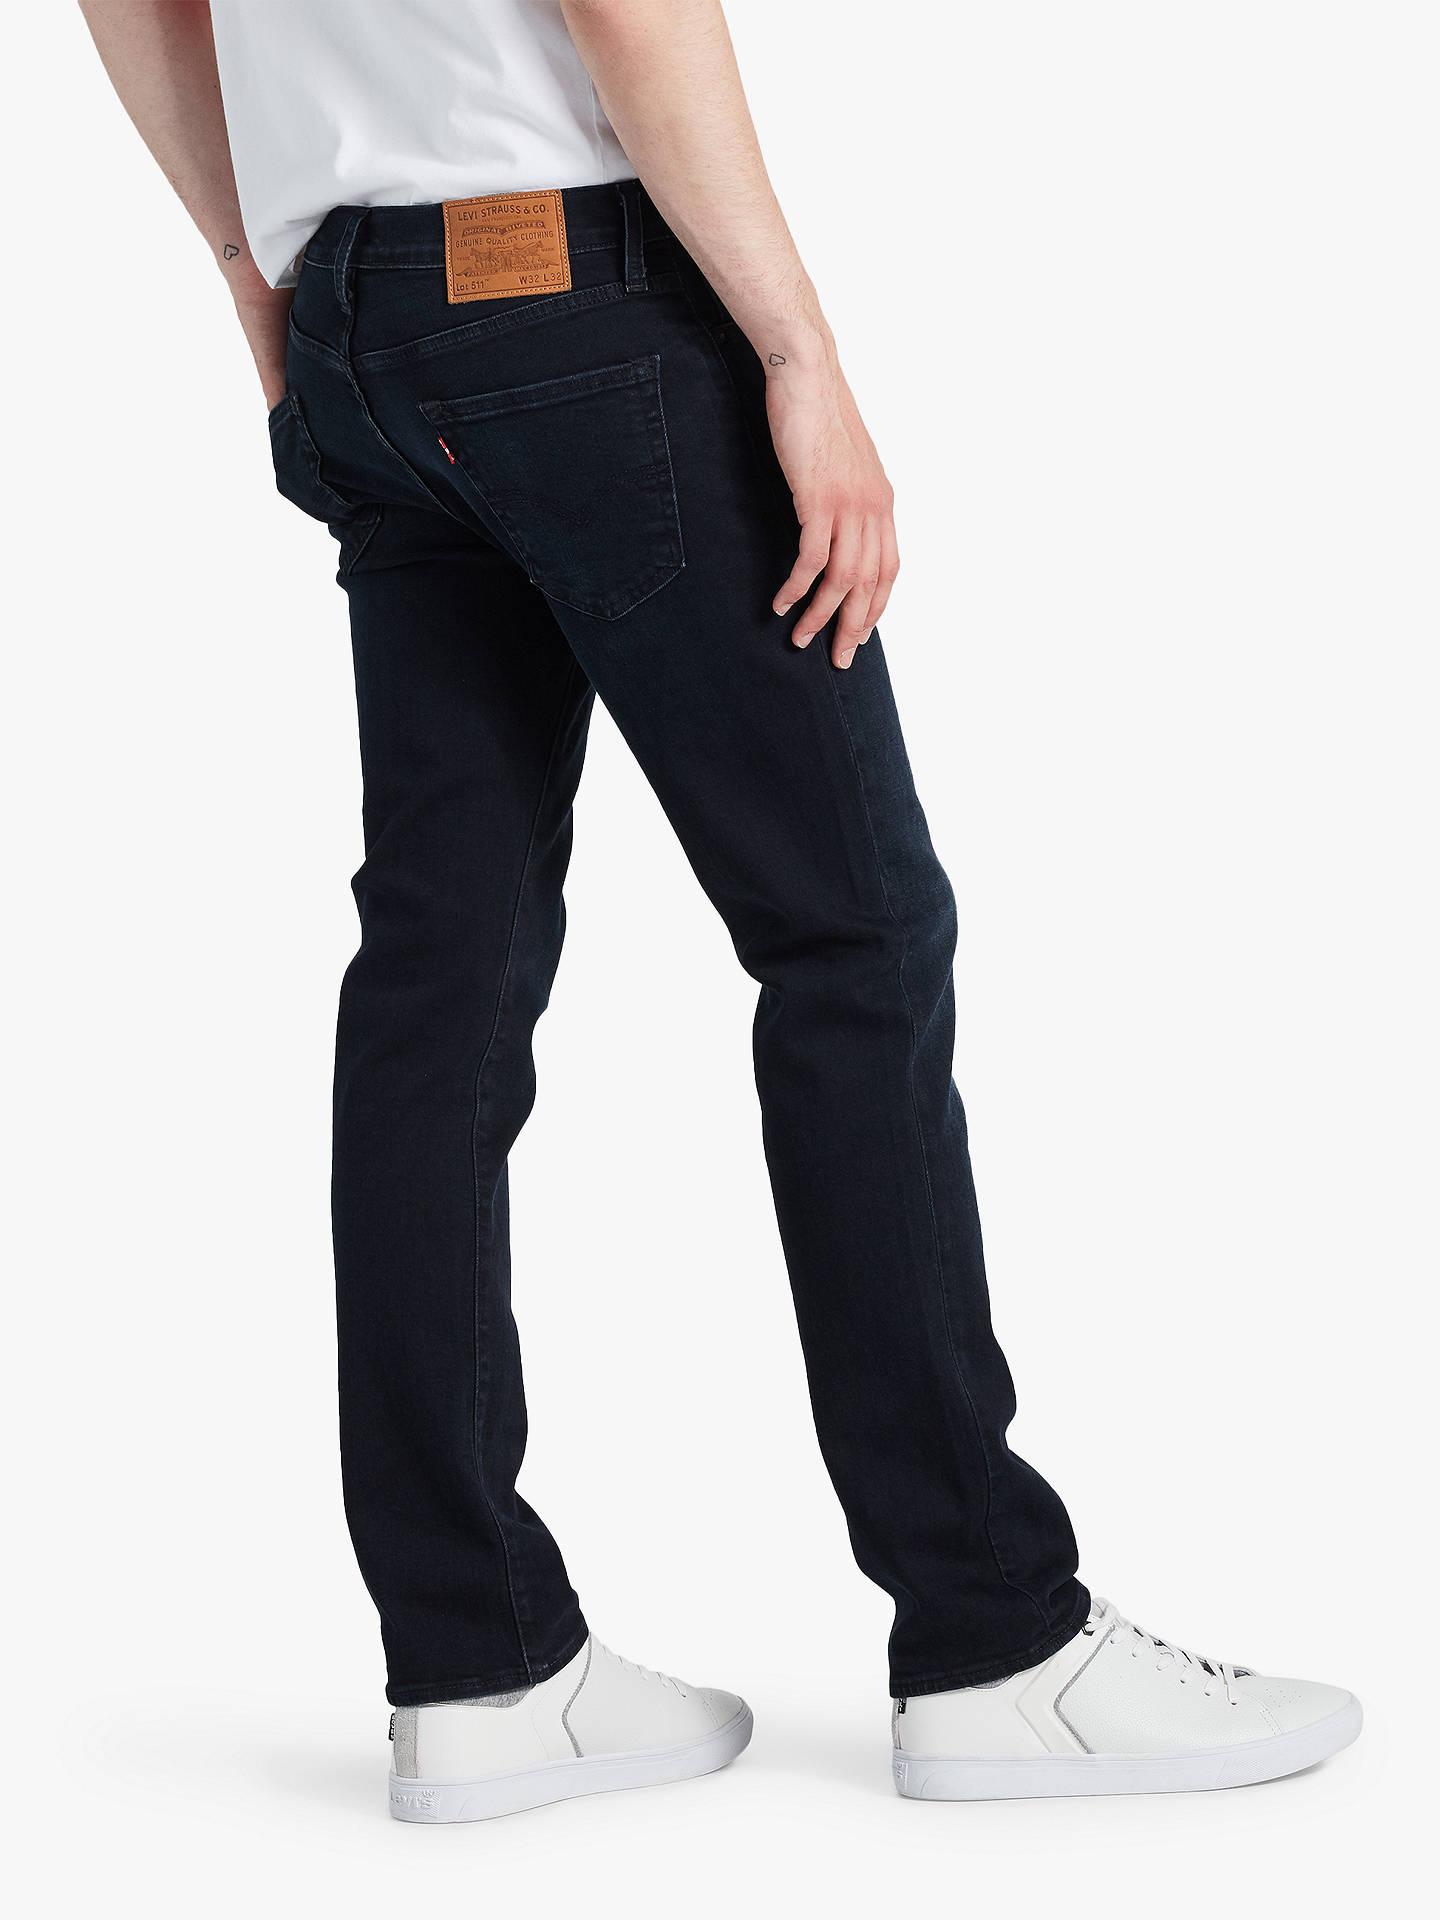 7c6bae2fe43 ... Buy Levi's 511 Slim Fit Jeans, Rajah Adv, 34R Online at johnlewis. ...